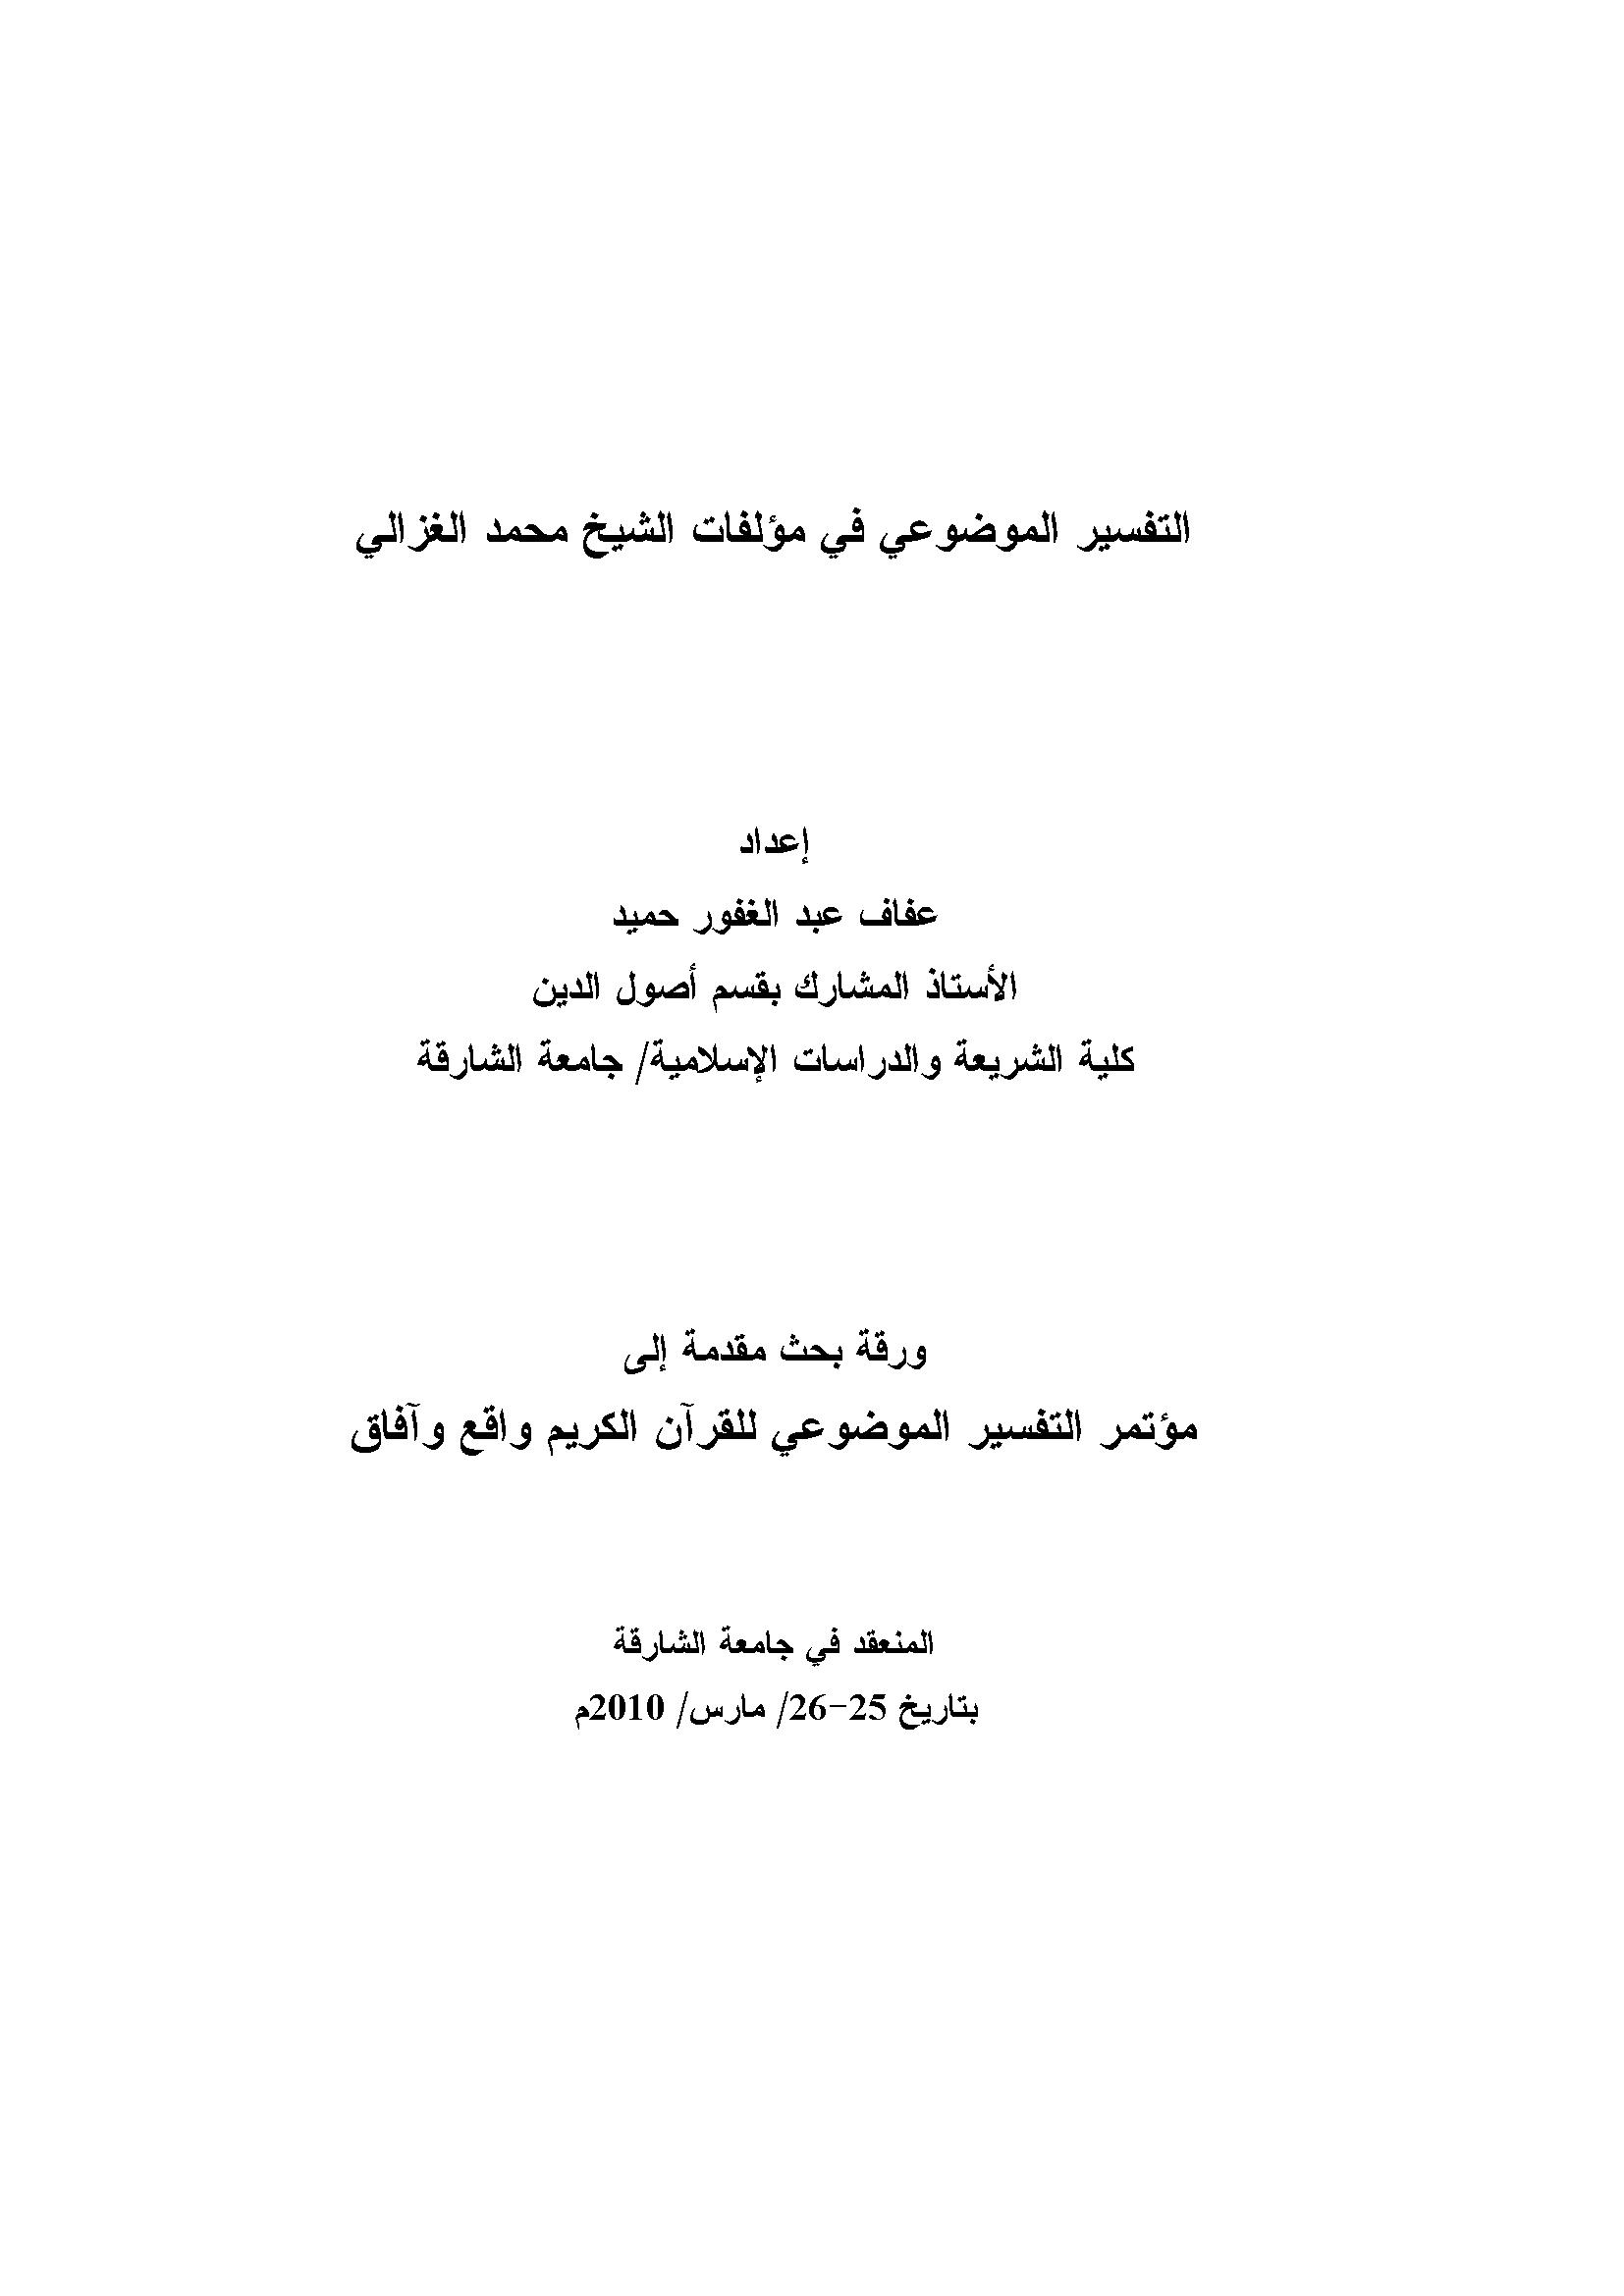 تحميل كتاب التفسير الموضوعي في مؤلفات الشيخ محمد الغزالي لـِ: عفاف عبد الغفور حميد